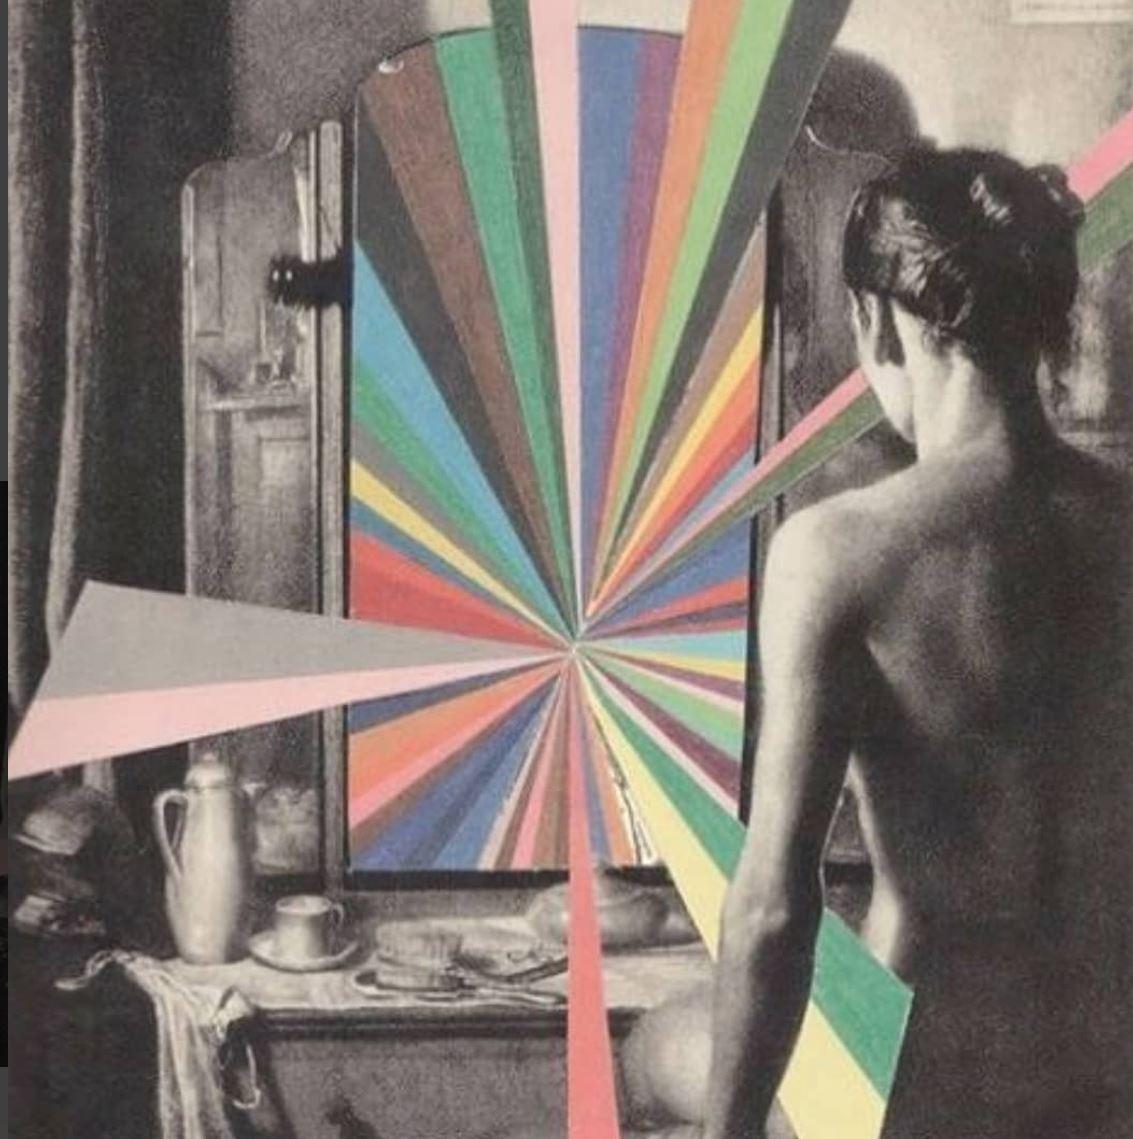 """Based on """"Adolescence for Sale"""" by Gerald Brockhurt"""